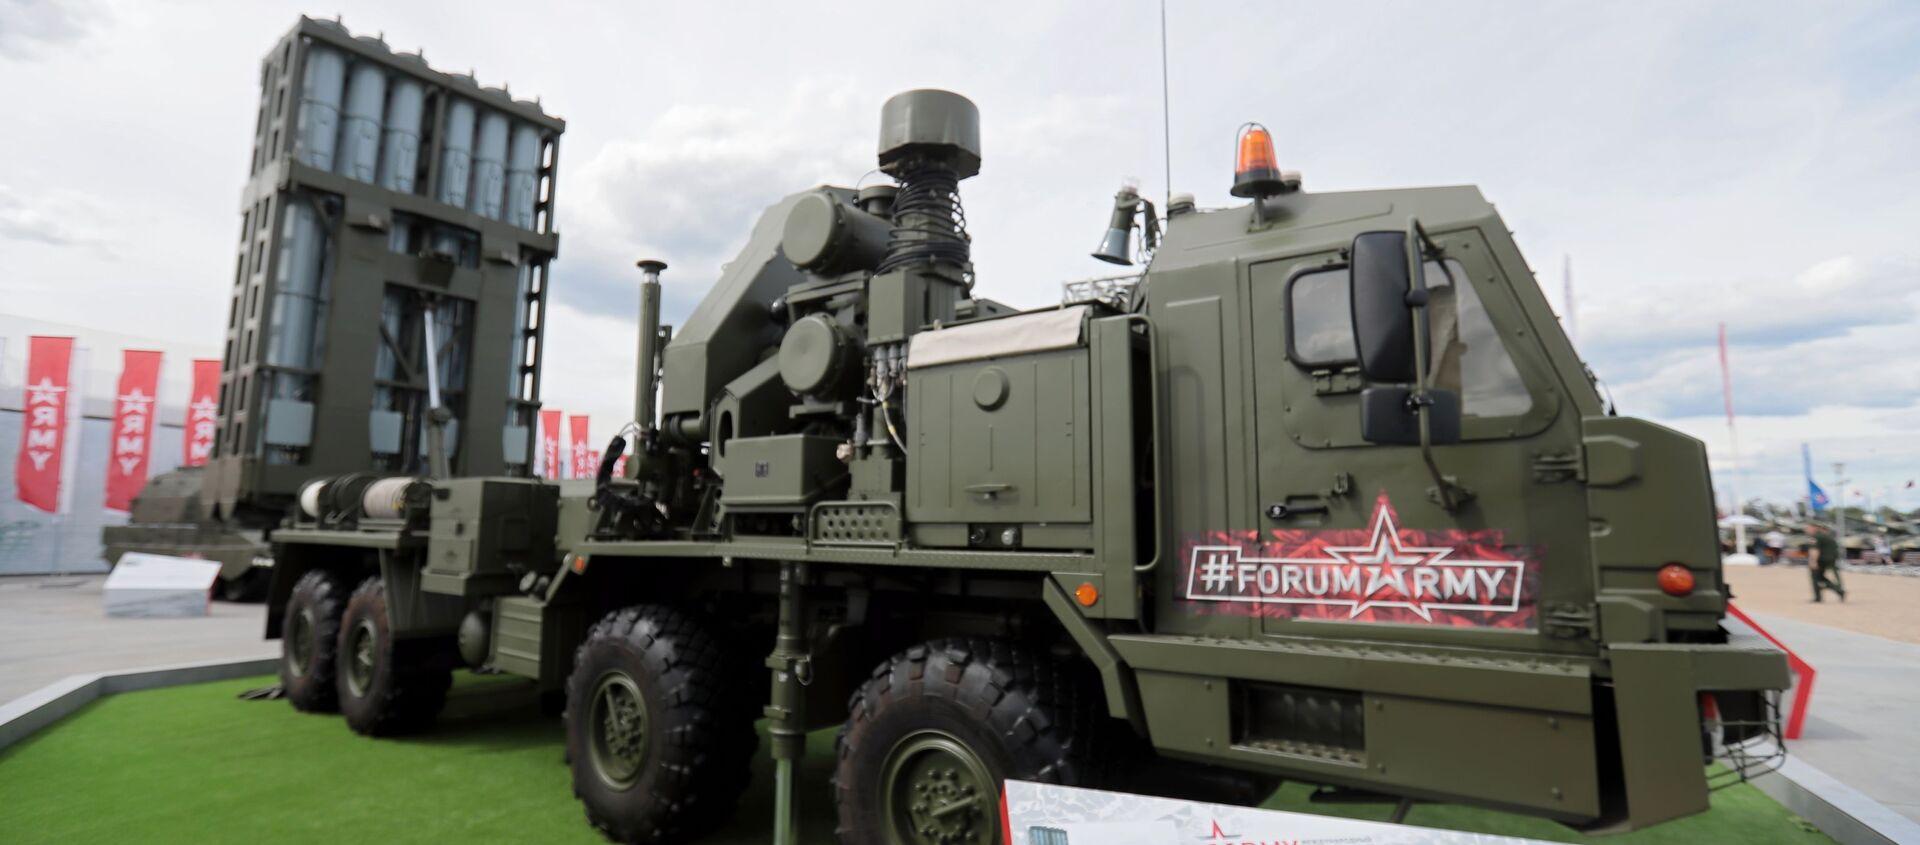 Hệ thống tên lửa phòng không mới S-350 Vityaz - Sputnik Việt Nam, 1920, 07.03.2020